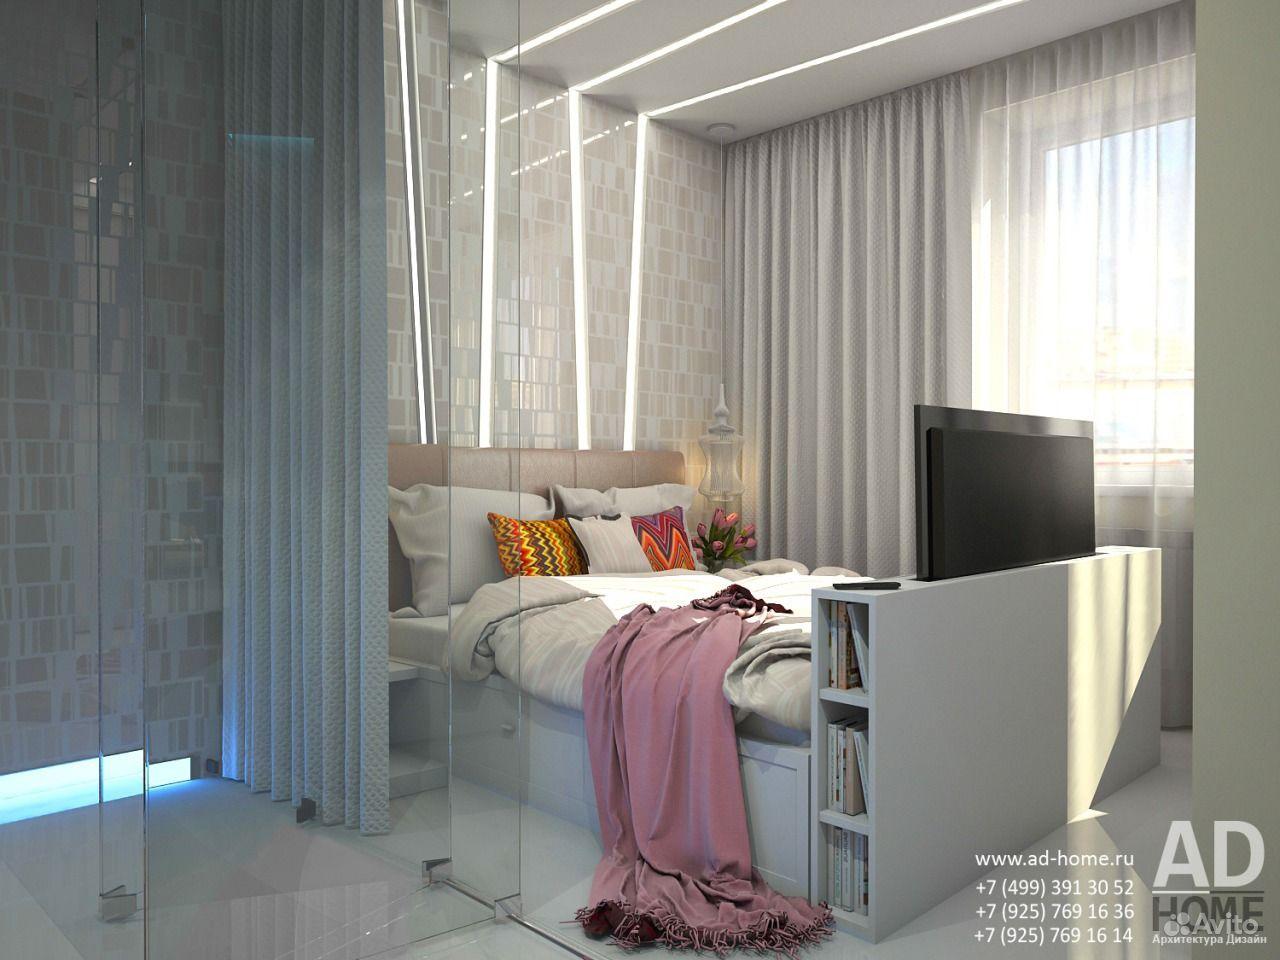 Хорошие спальни дизайн